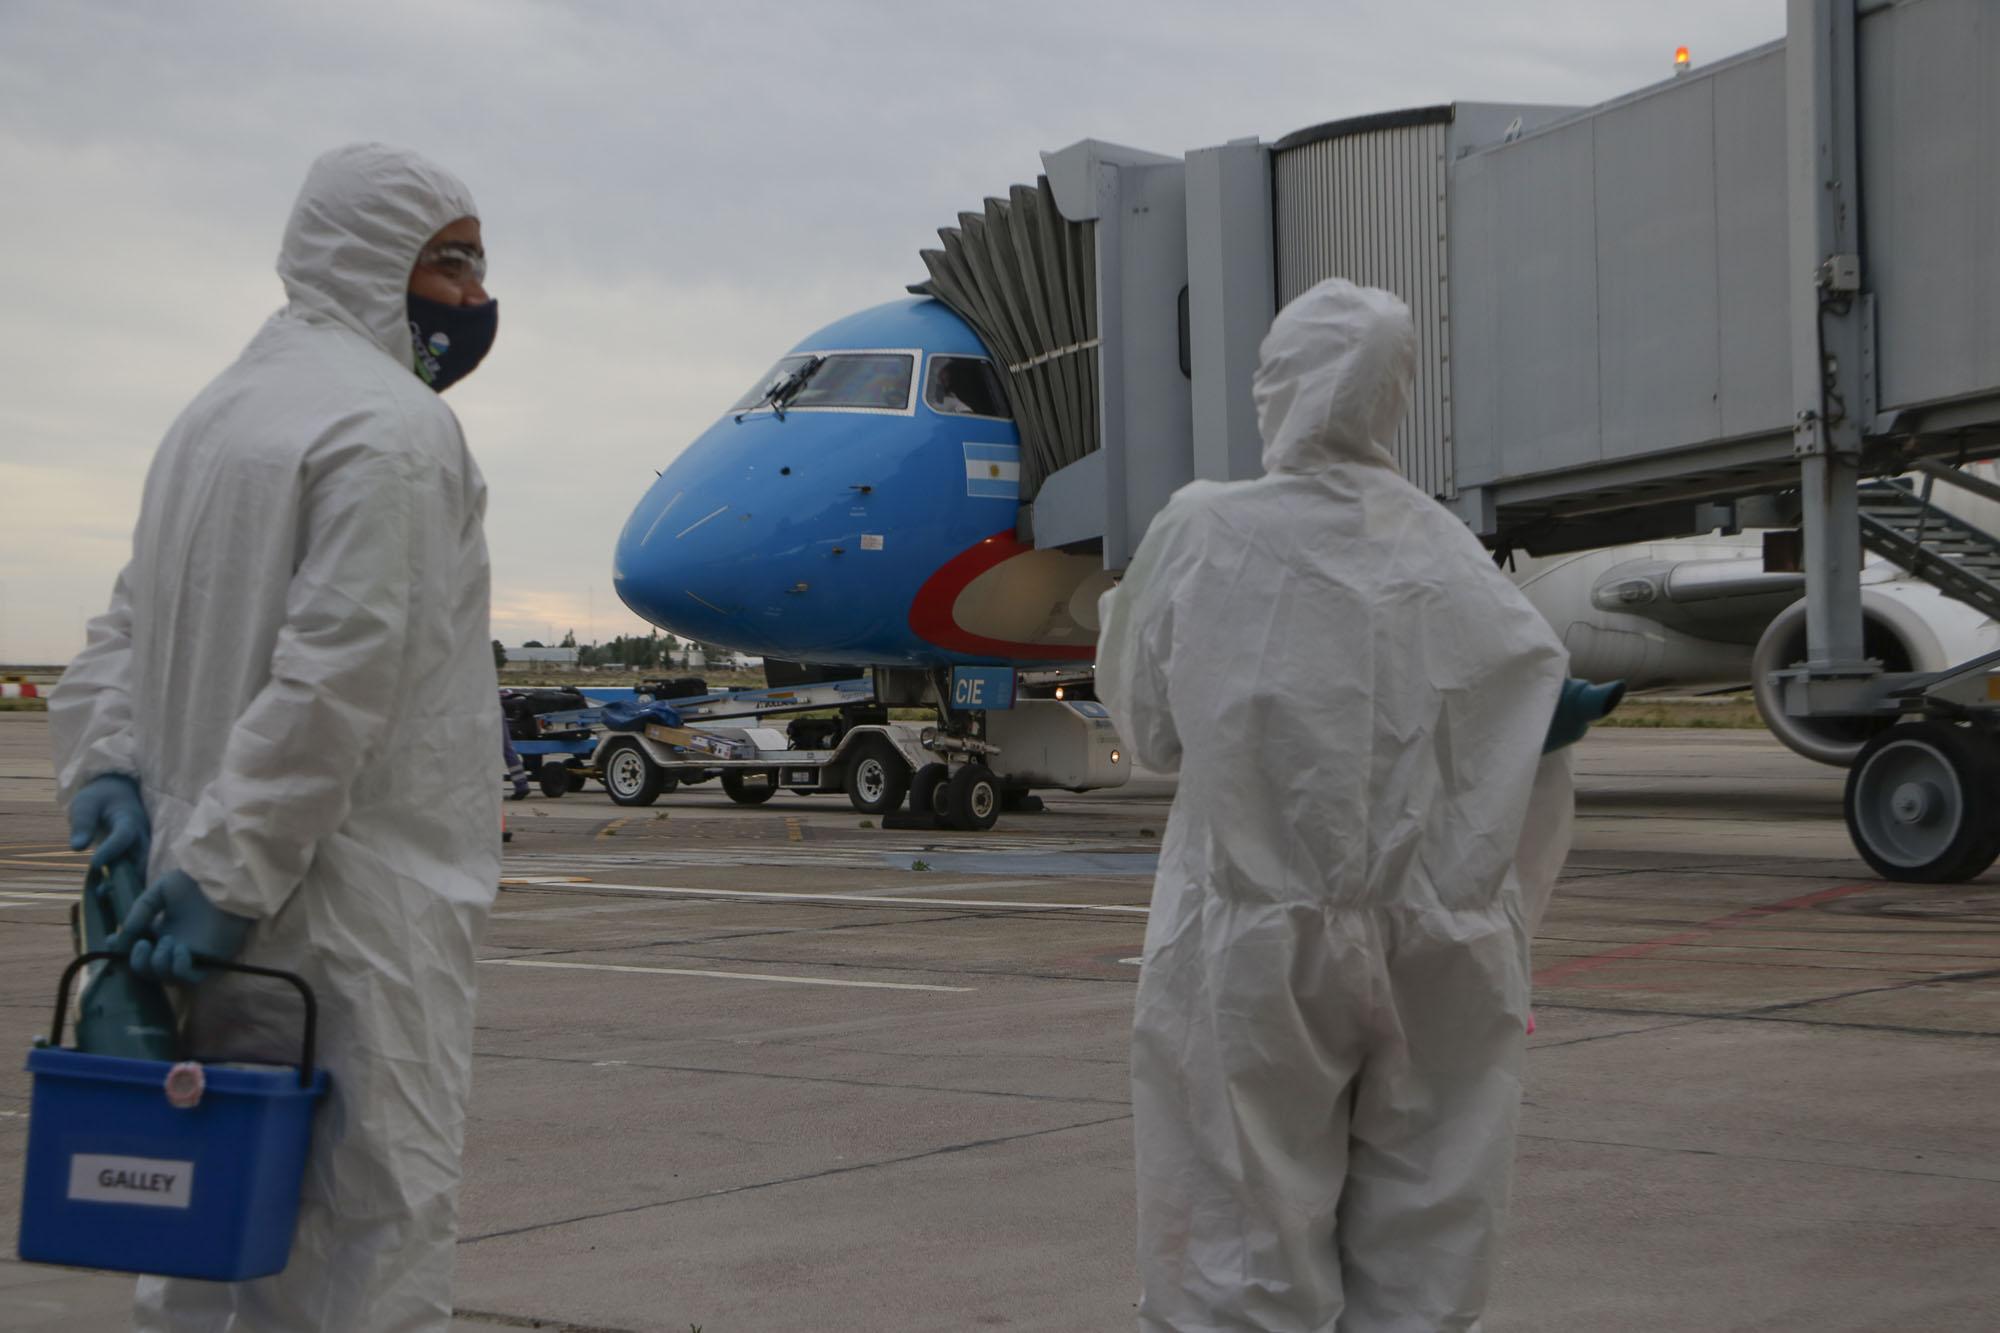 Arribó a Trelew el primer vuelo de Aerolíneas Argentinas con 60 pasajeros